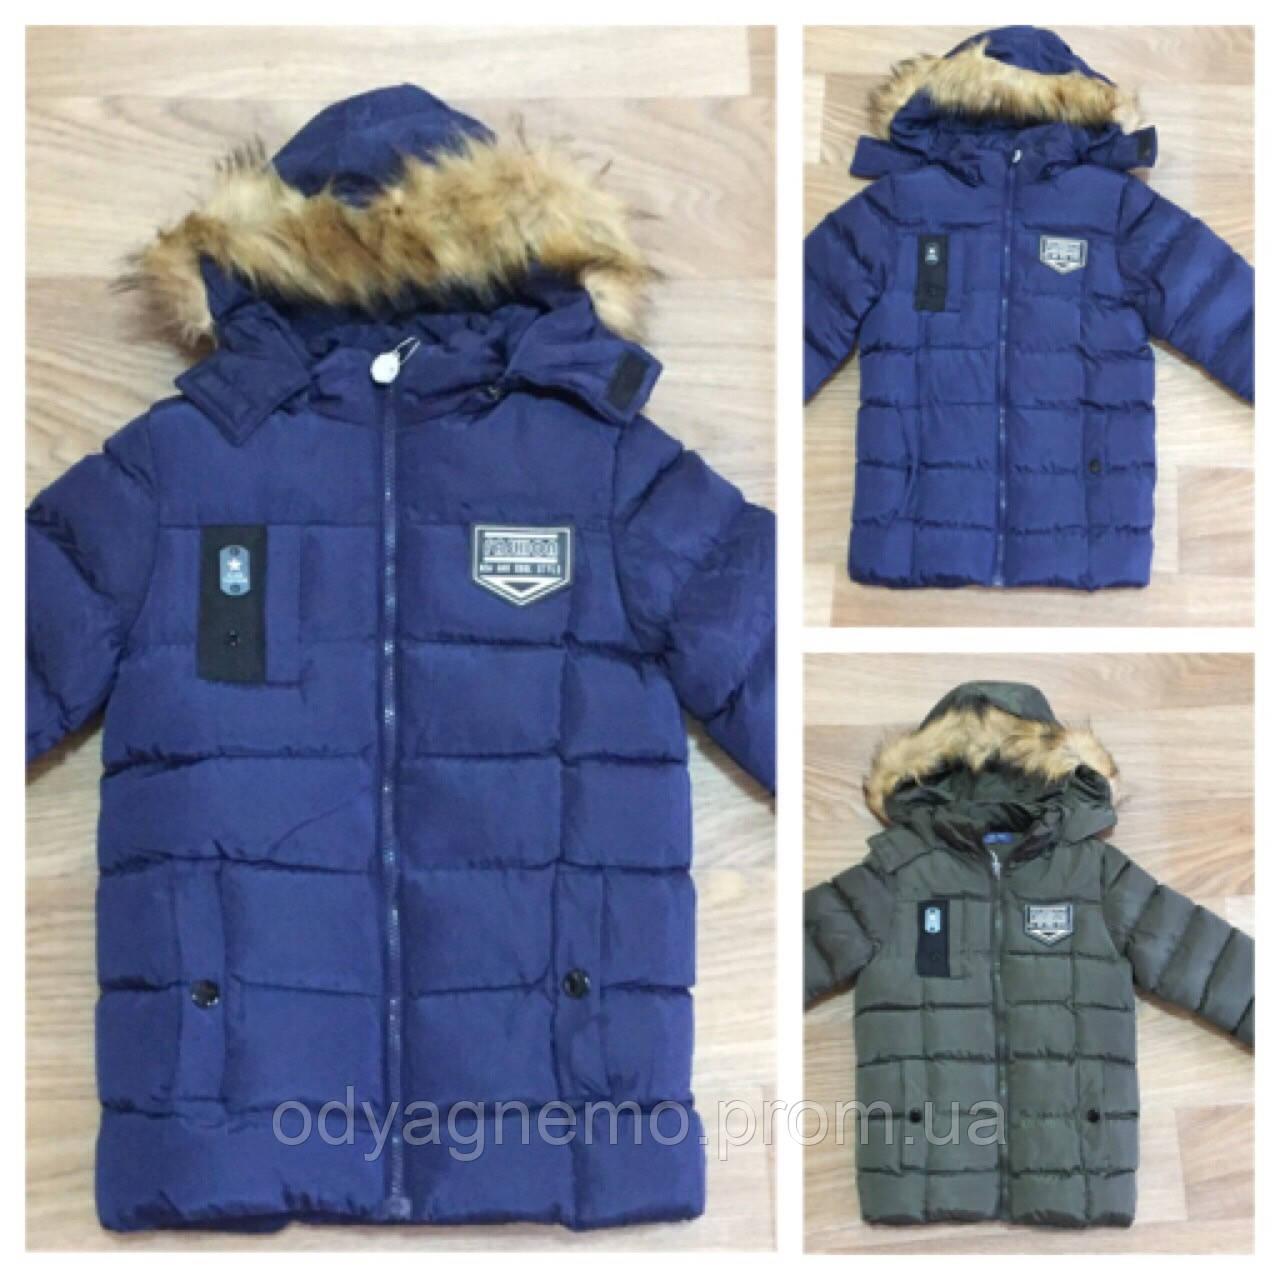 Курточка на меховой подкладке для мальчиков KE YI QI оптом, 4-12 лет.